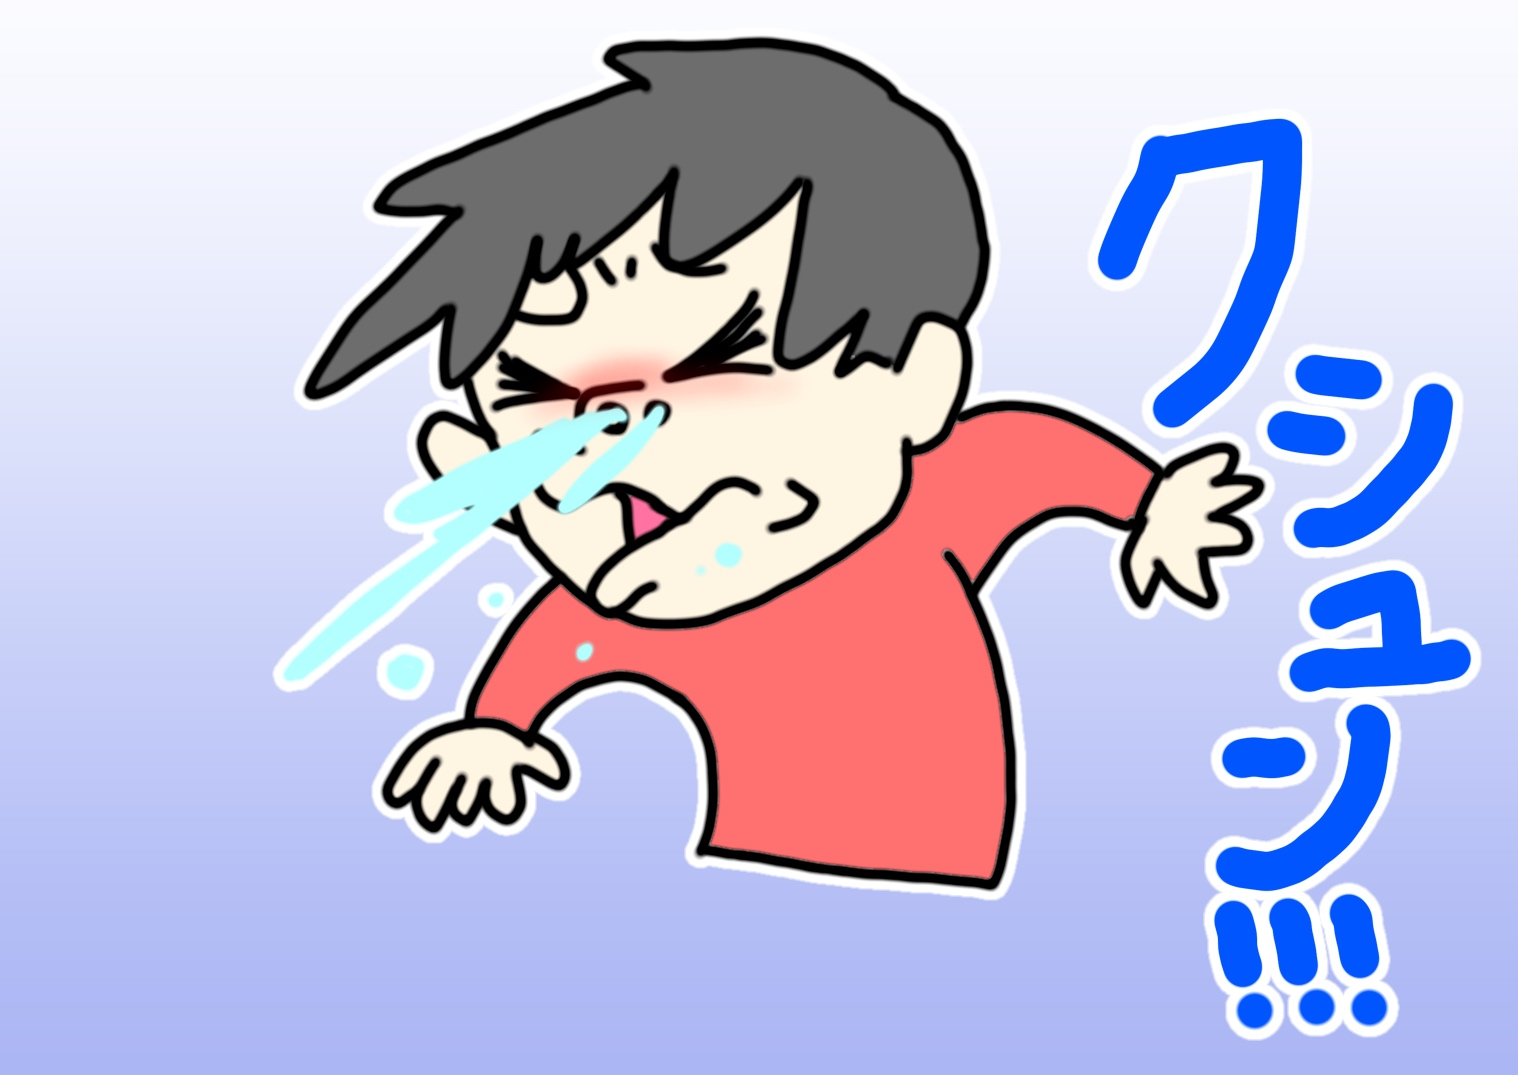 インフルエンザワクチンの副作用よりインフルエンザに罹った方が楽